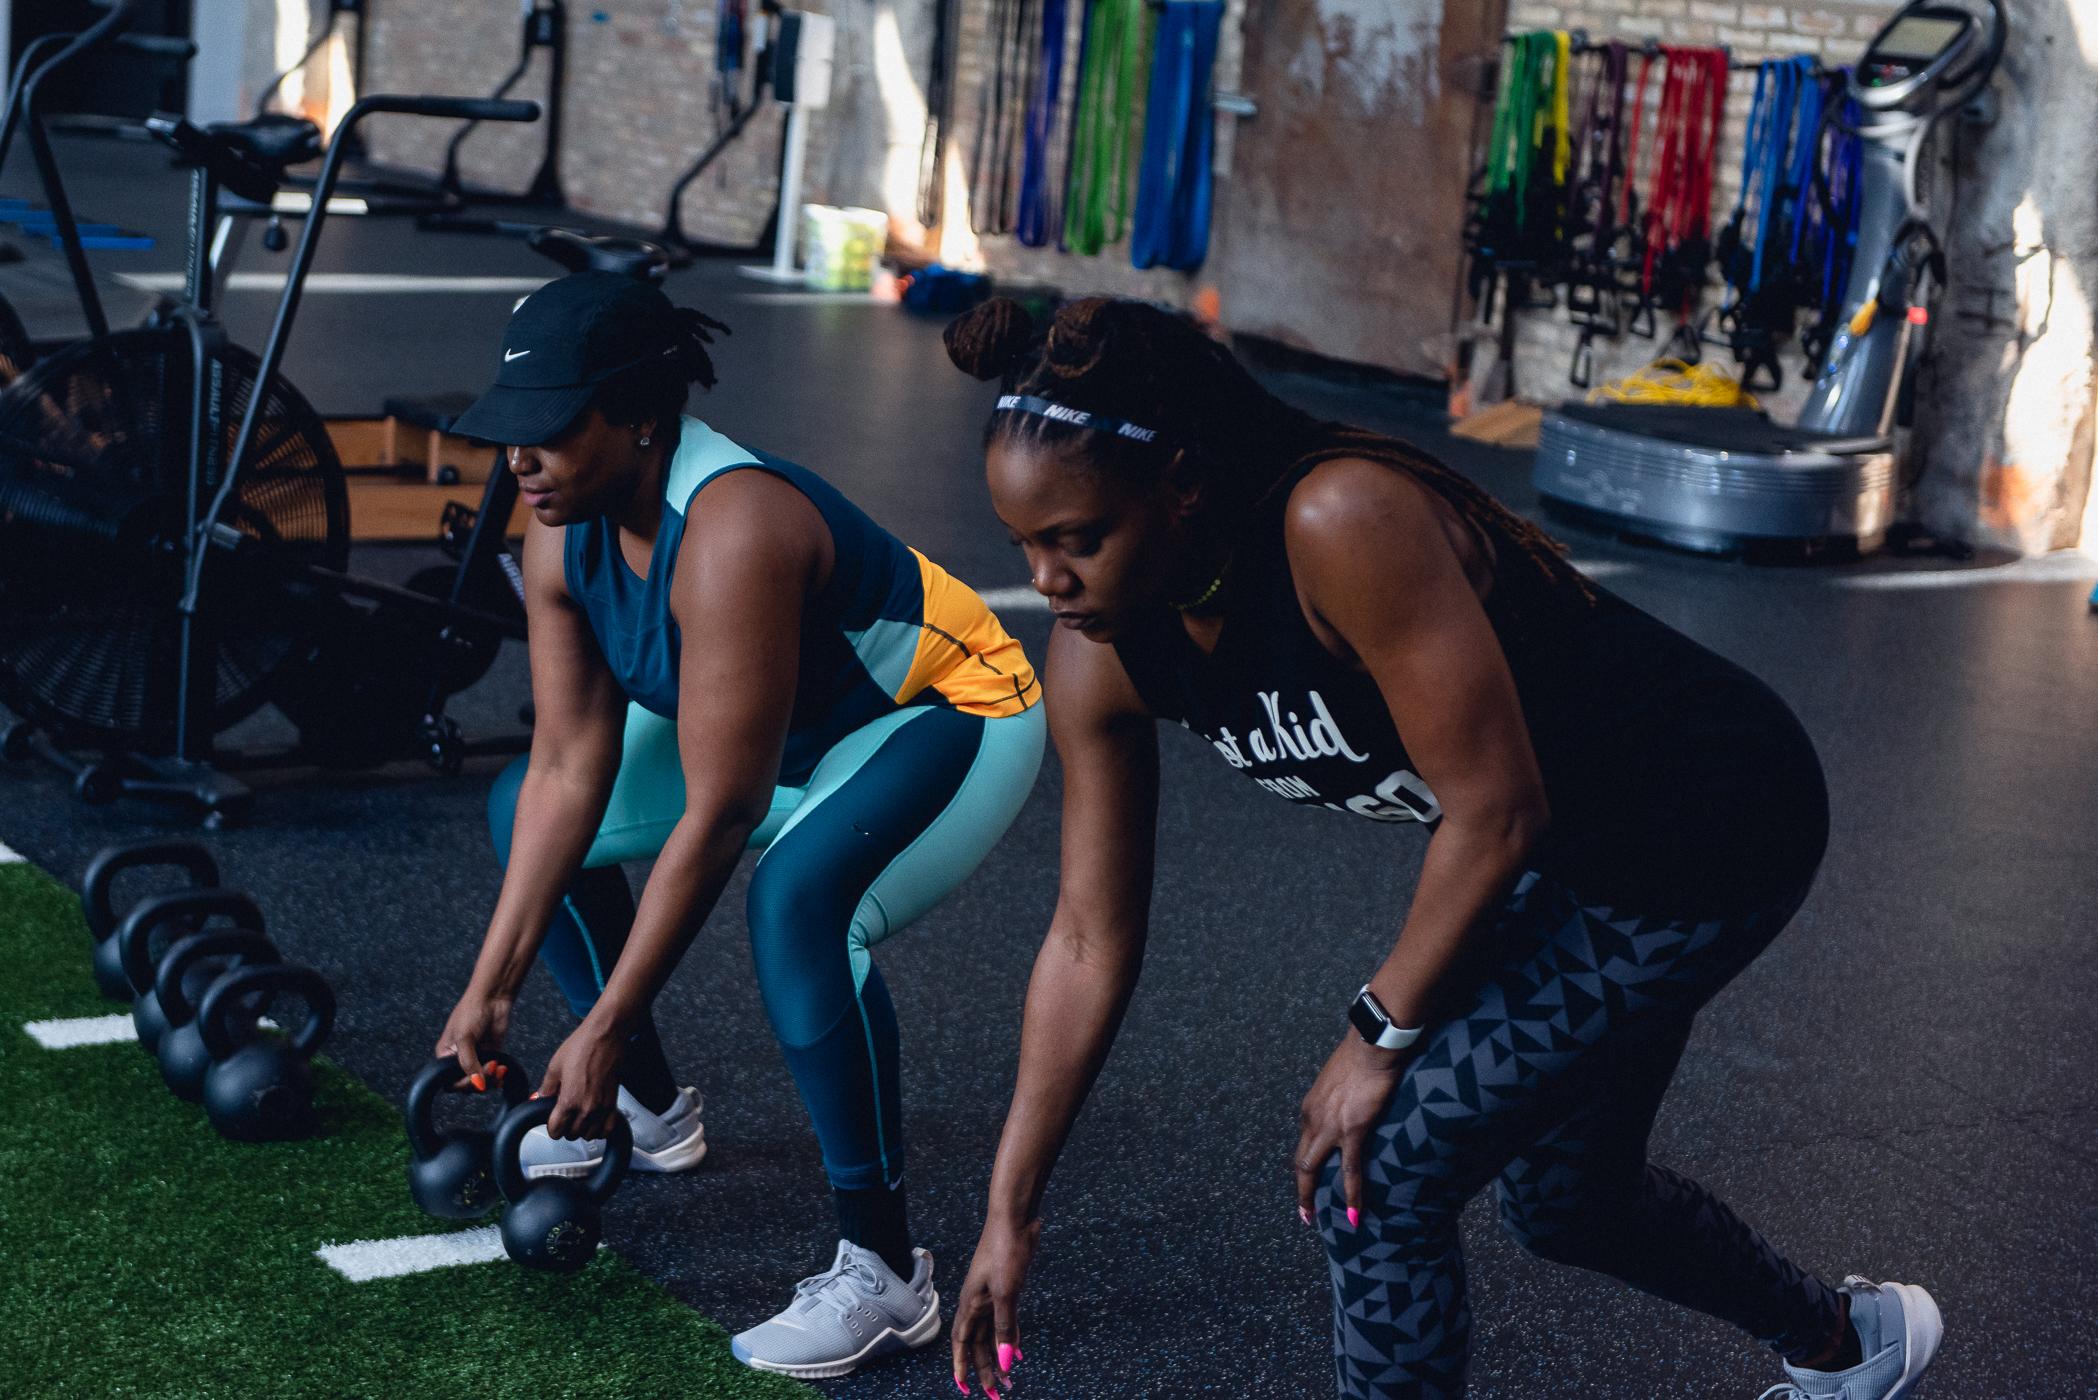 Zoe_Rain_Nike_Training_050619-_DSC4049 copy.jpg